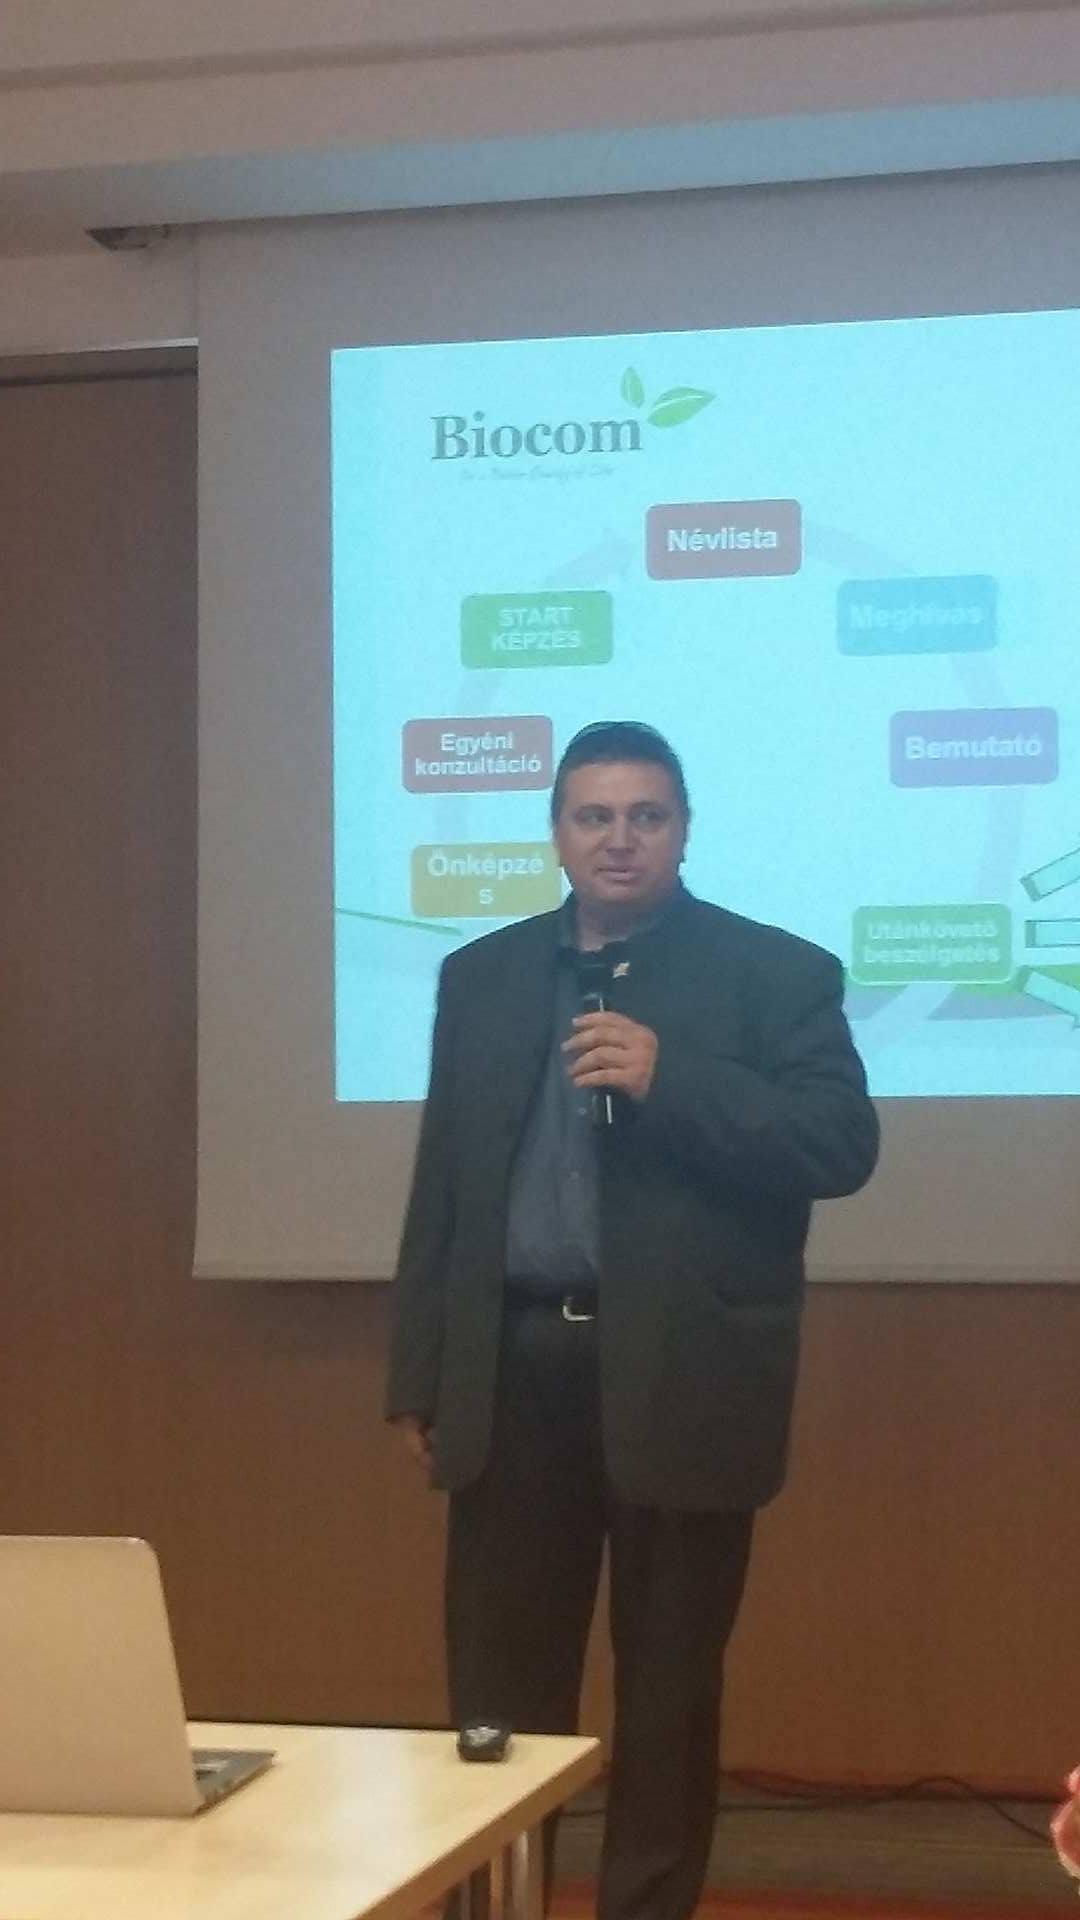 Galántai Fekete Gyula arról mesélt, hogyan lett regenorozóból hálózatépítő